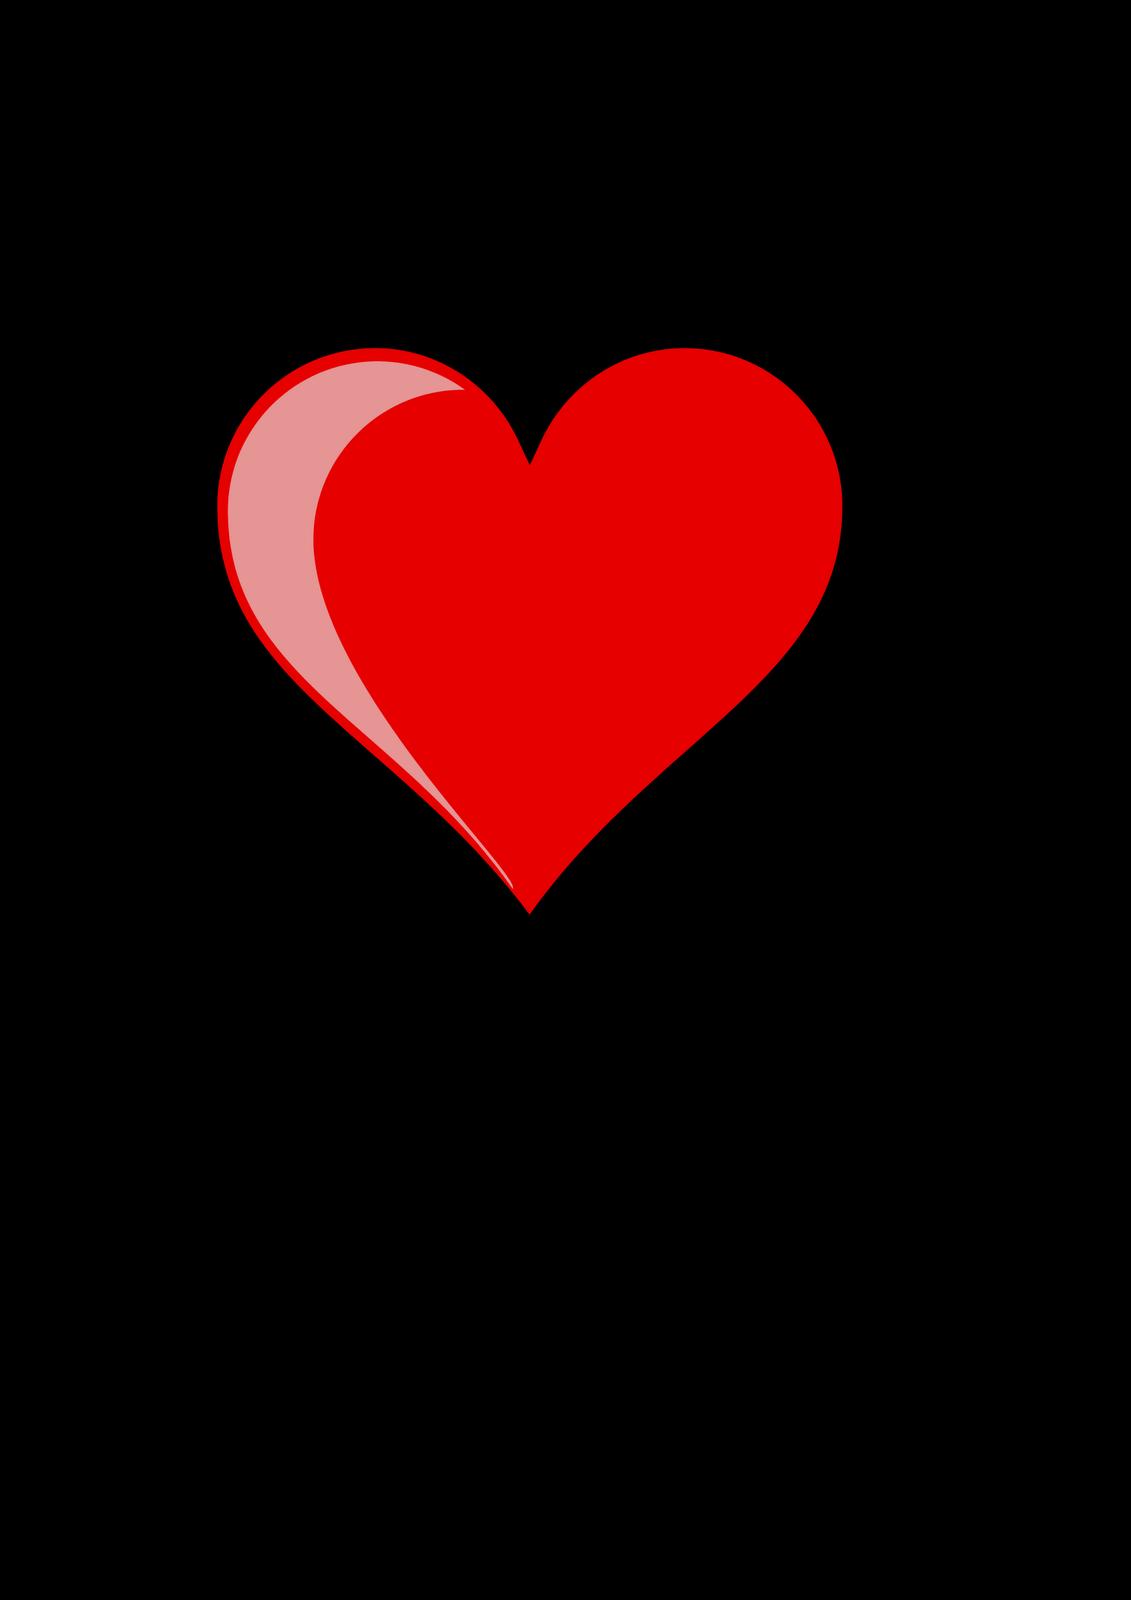 Valentine Free Clip Art - ClipArt Best